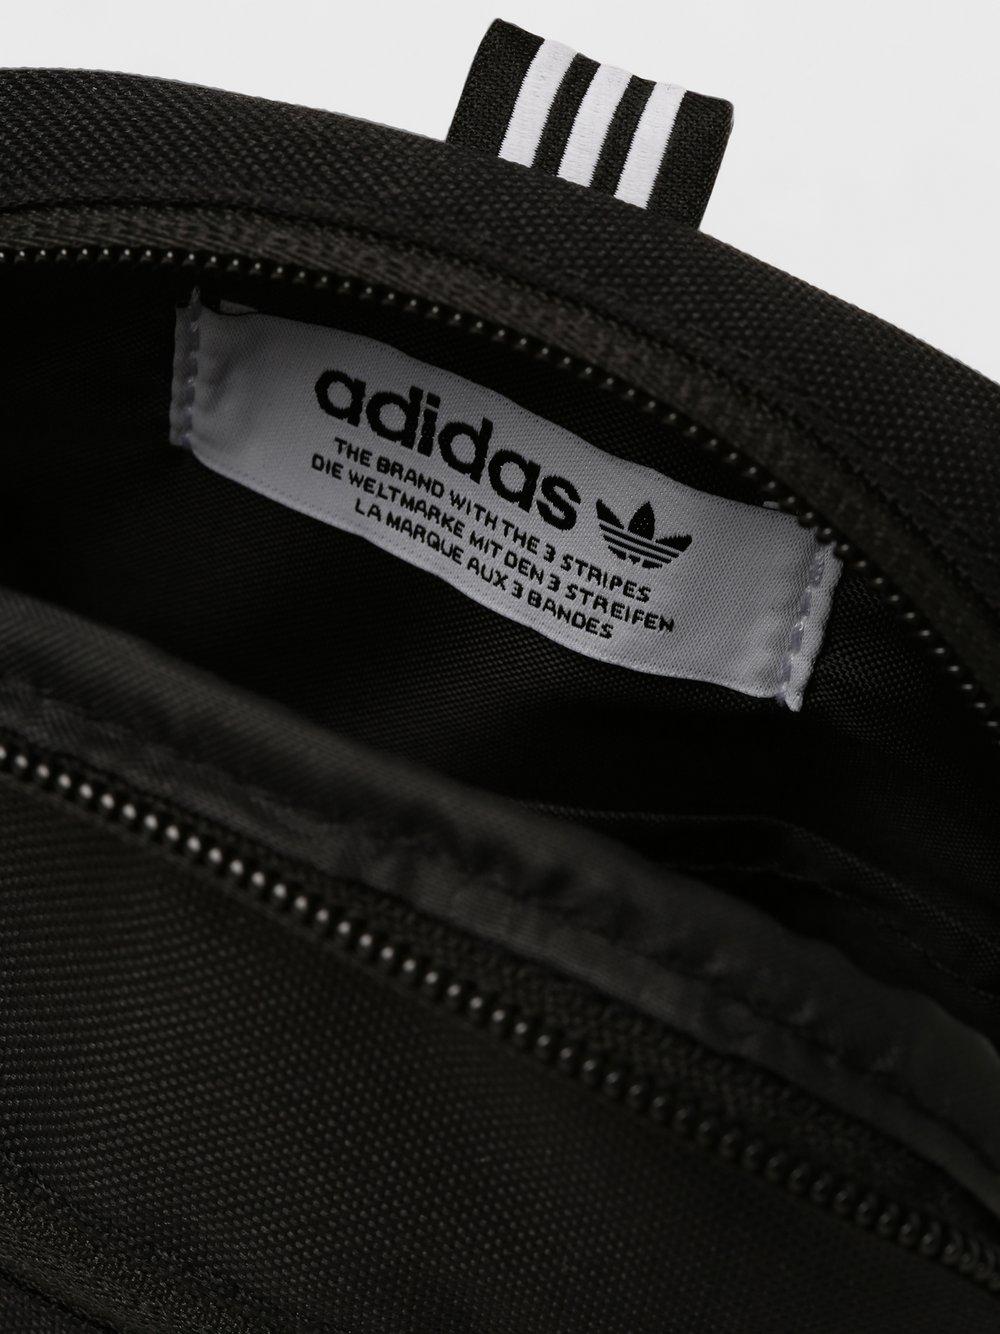 adidas Originals Męska torebka na ramię kup online